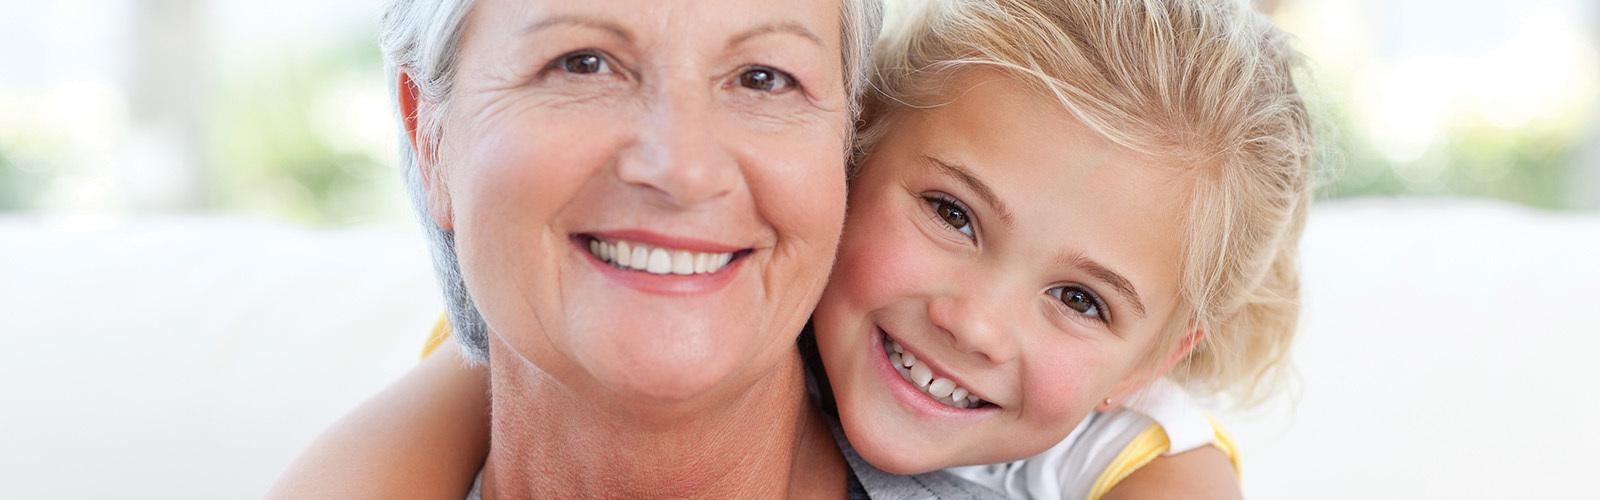 En glad, smilende mor som blir klemt bakfra av sitt glade og trygge barn.